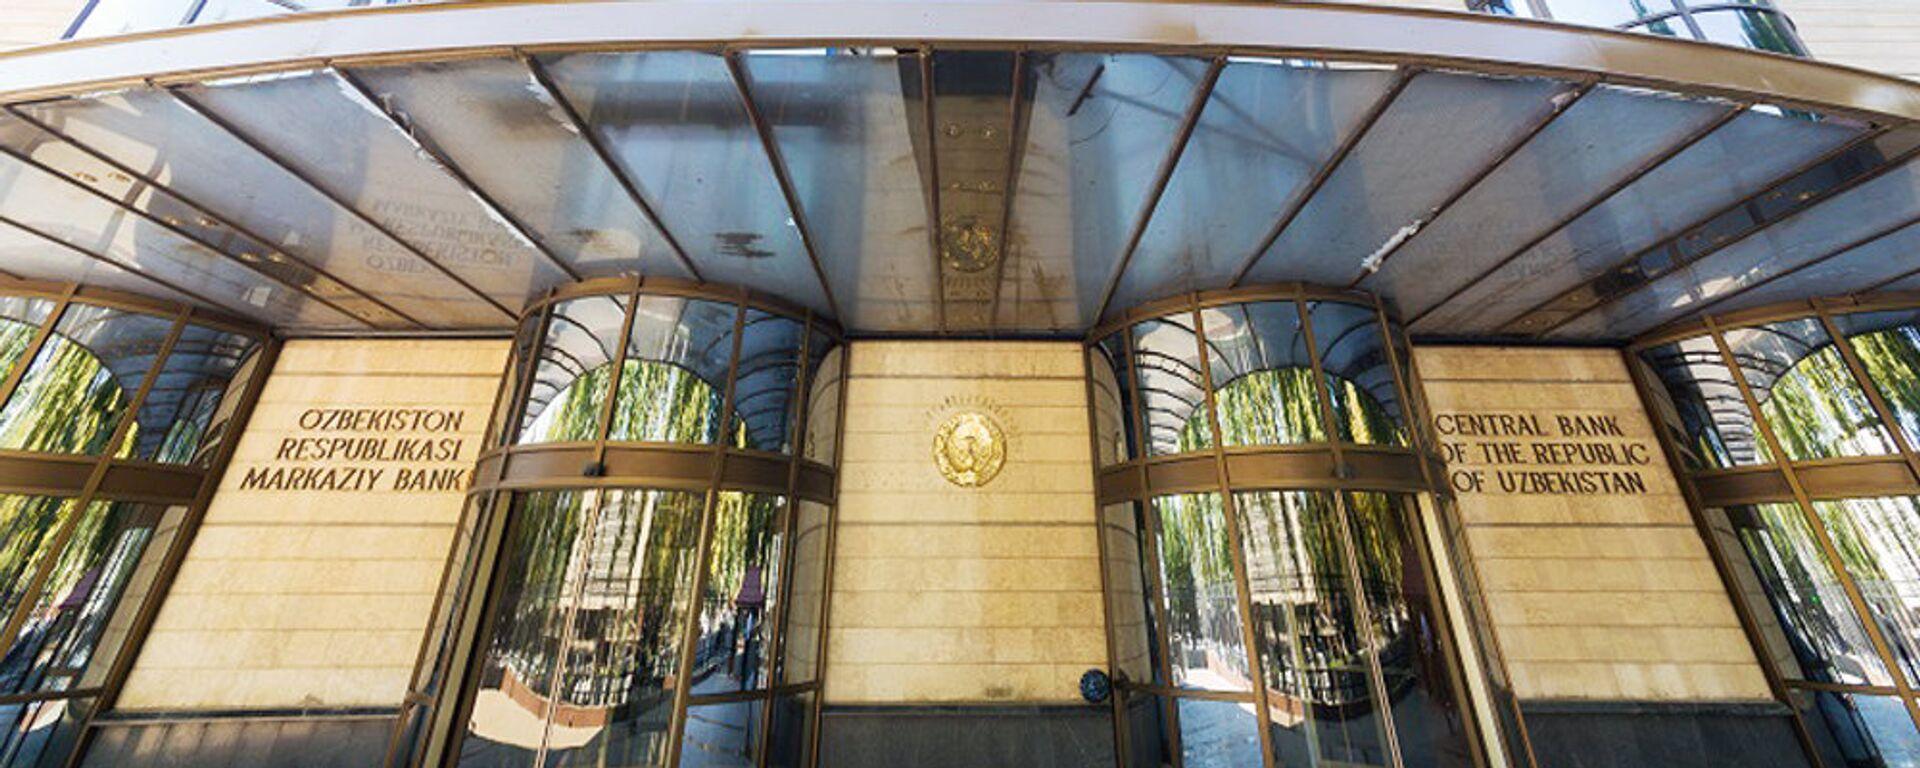 Центральный банк Узбекистана - Sputnik Узбекистан, 1920, 18.08.2021